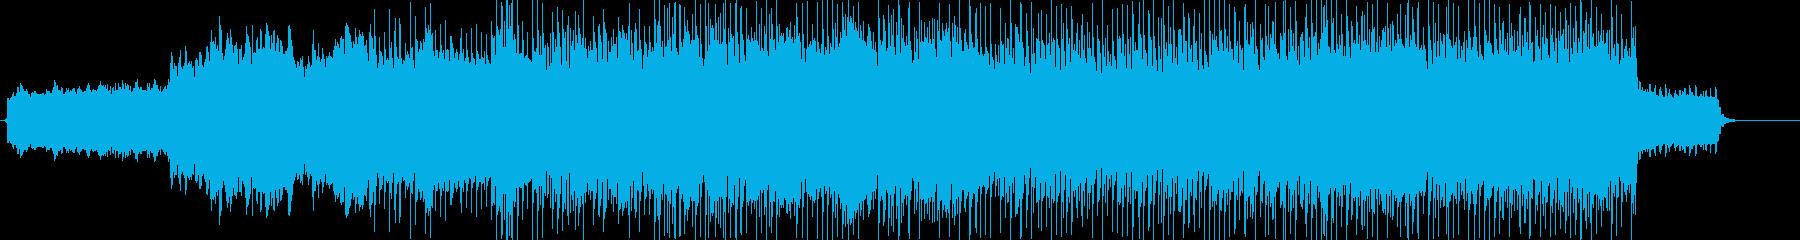 高揚感のあるバンドサウンド+ストリングスの再生済みの波形